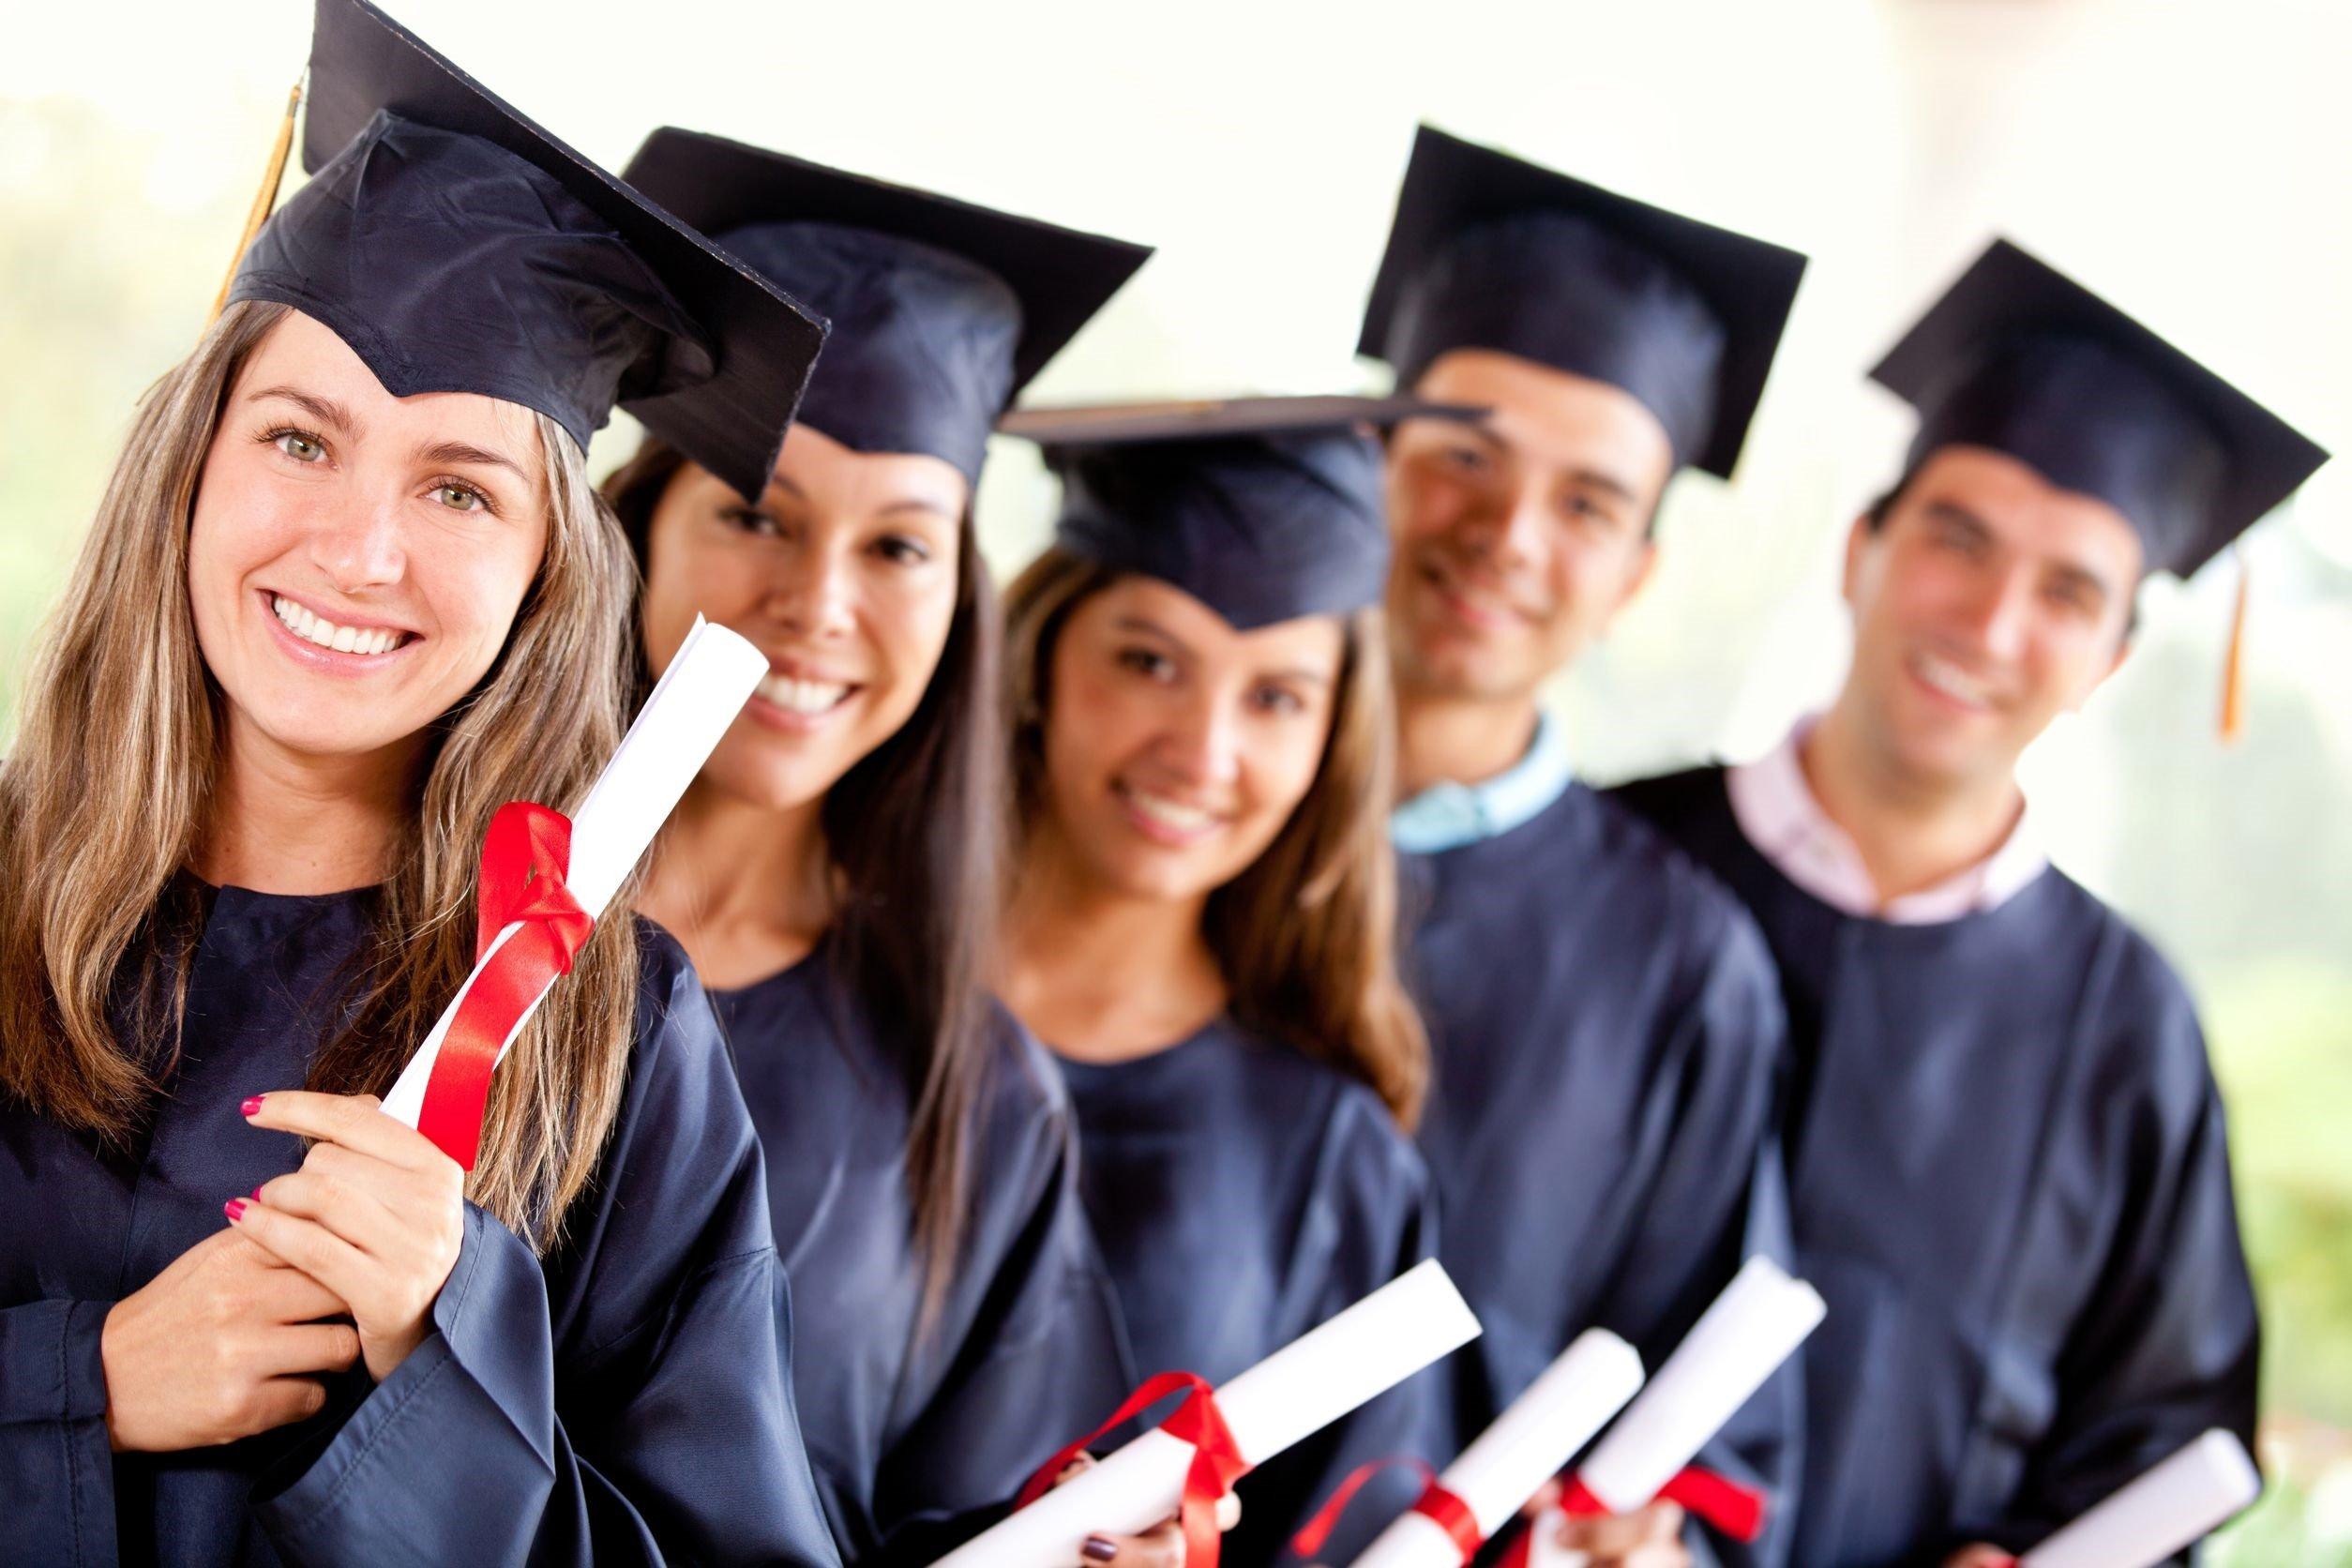 شرایط تحصیل در کانادا بر اساس آخرین تغییرات 2019